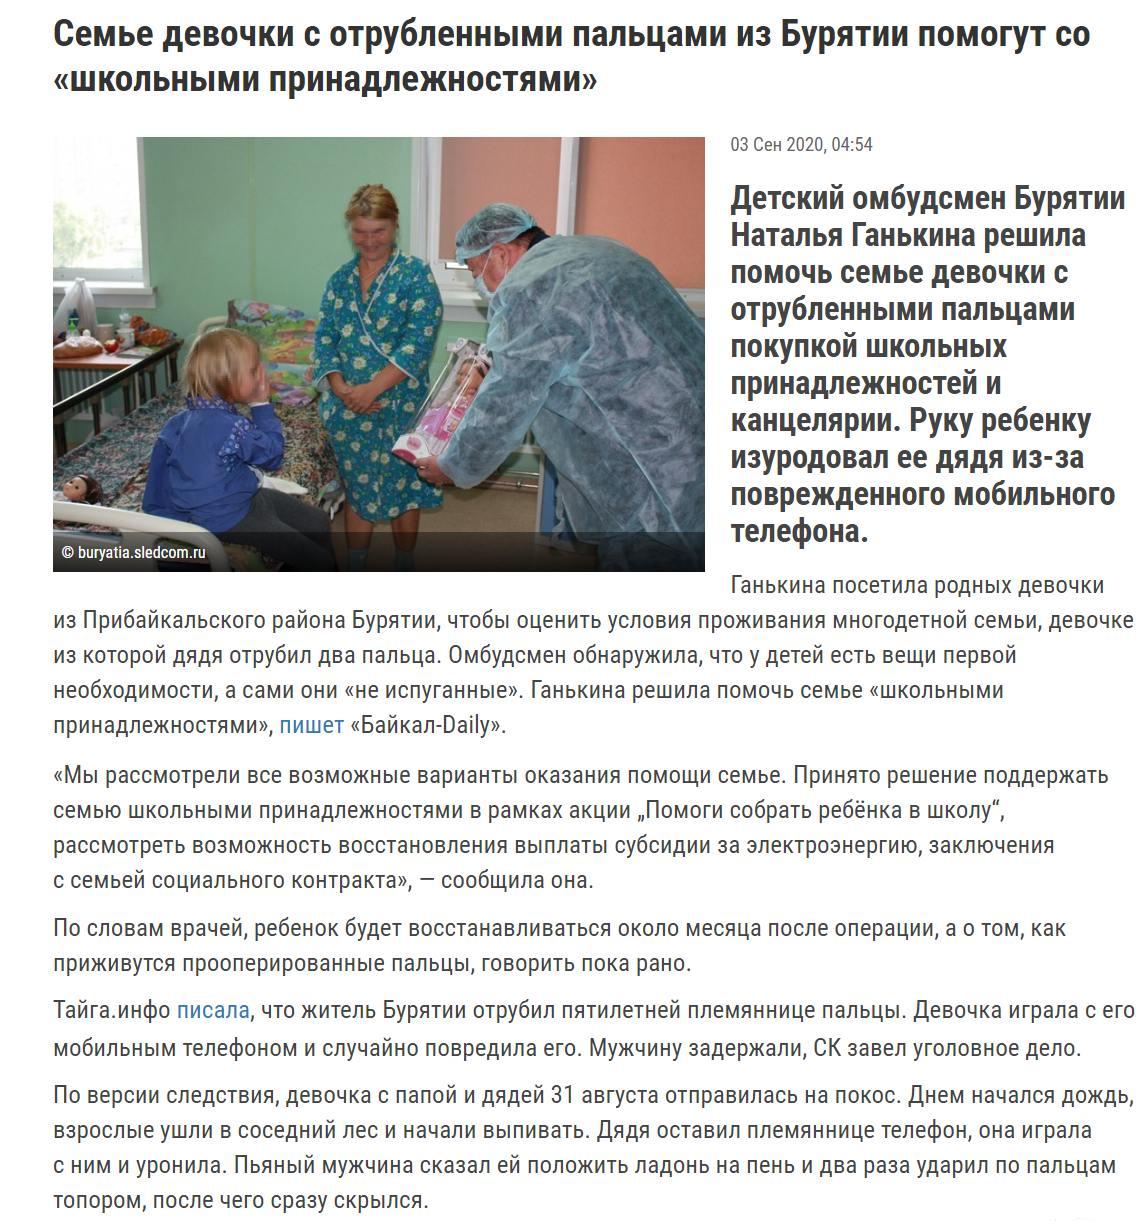 132979 - А в России чудеса!